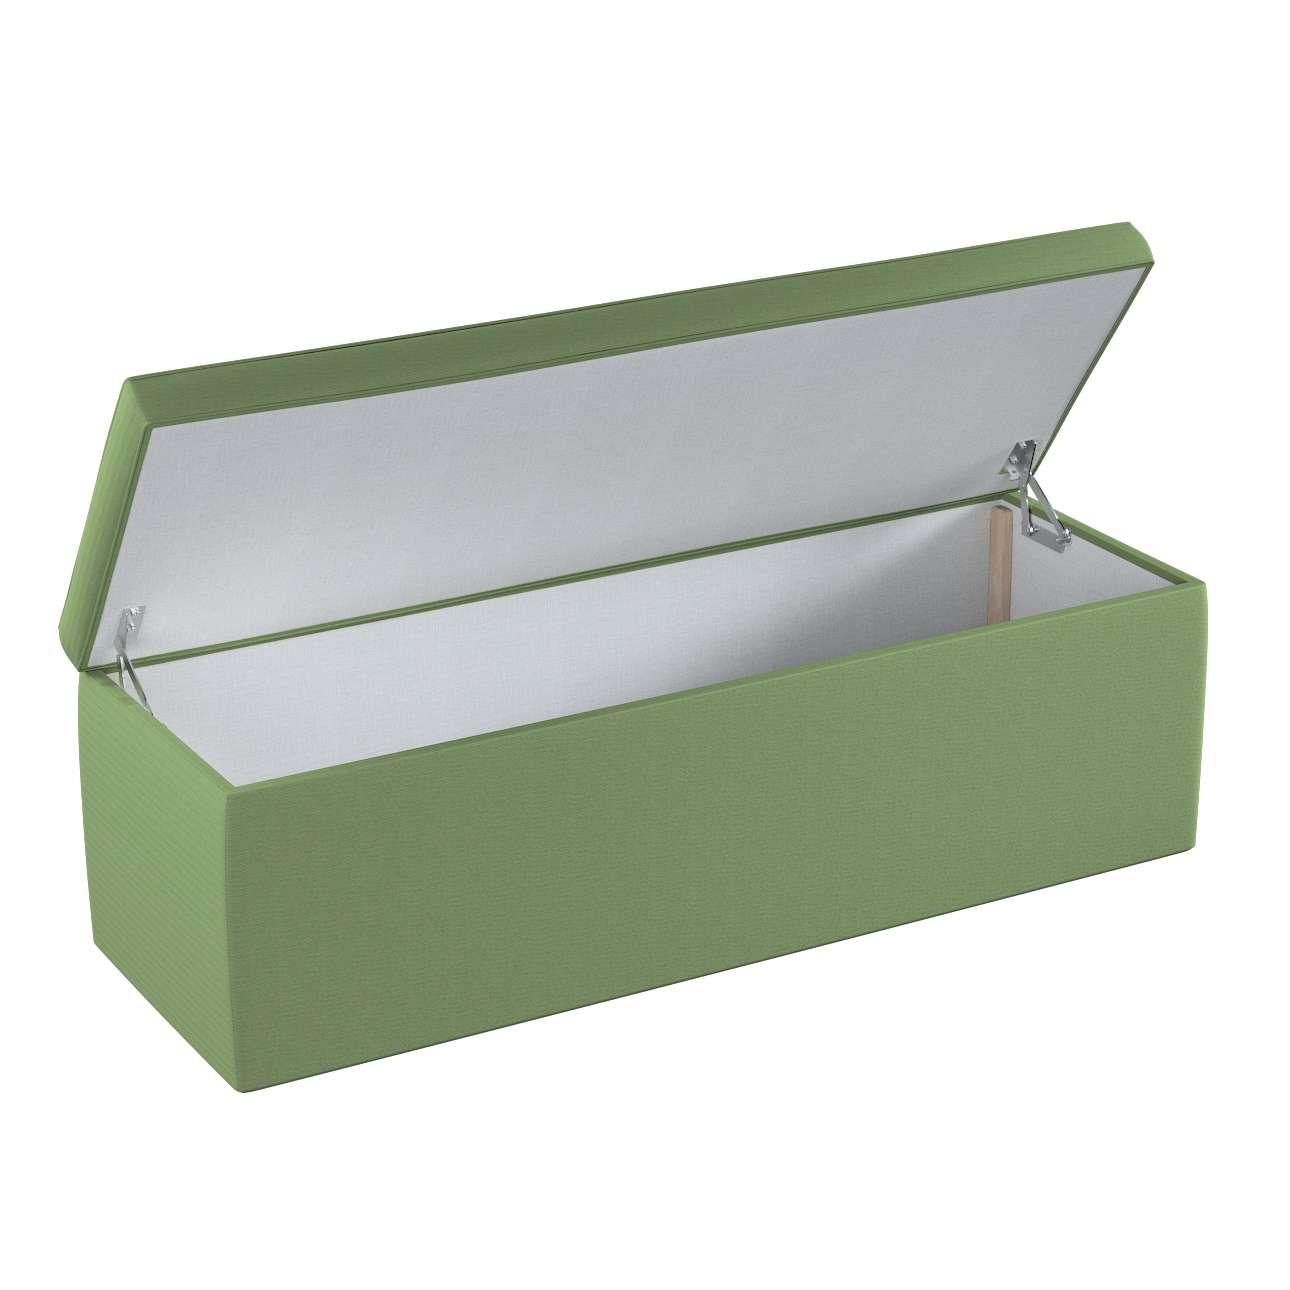 Čalouněná skříň s volbou látky - 2 velikosti v kolekci Jupiter, látka: 127-52